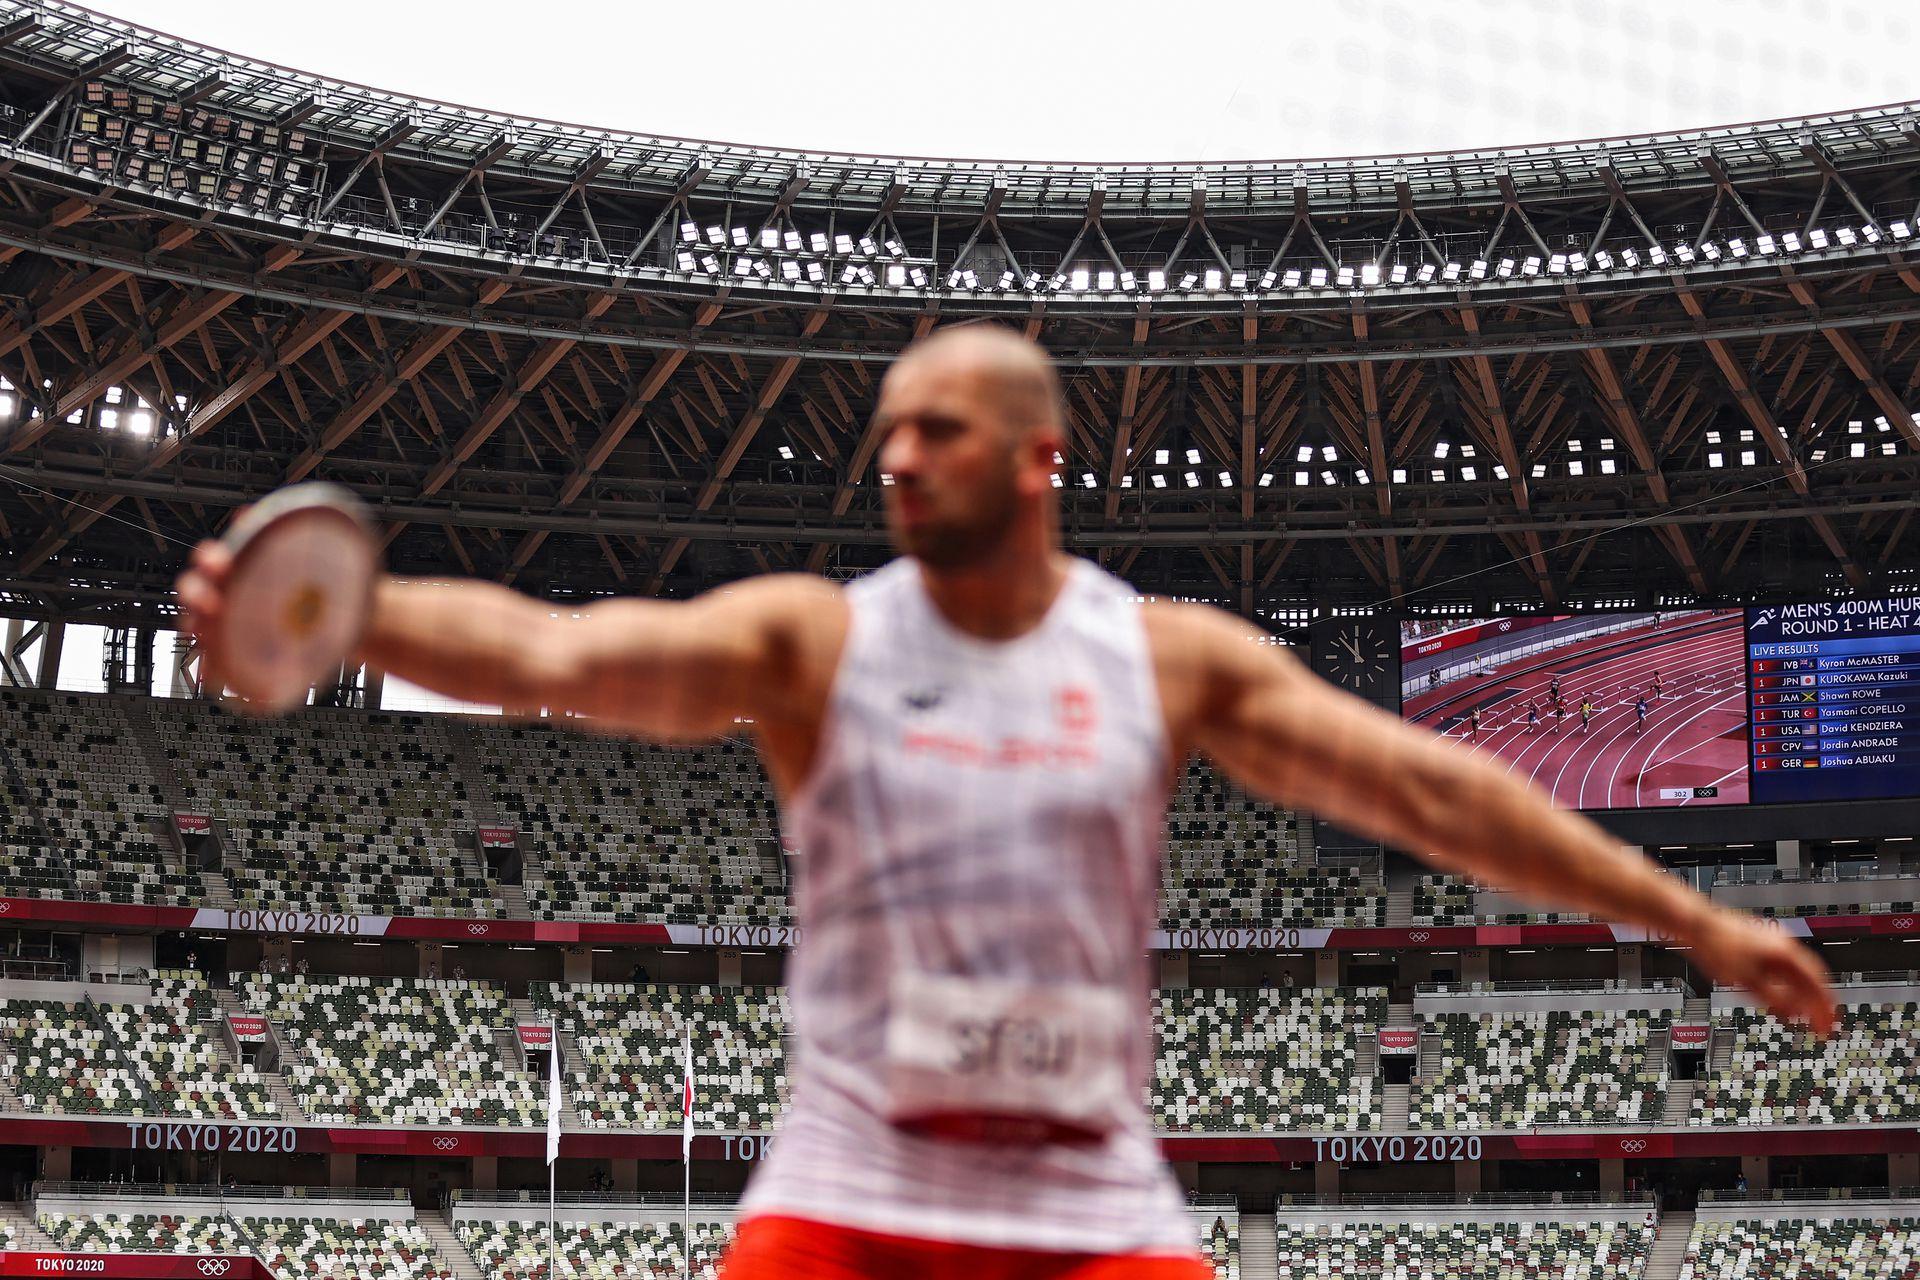 Las tribunas están vacías debido a la pandemia de Covid-19, ya que Bartlomiej Stoj del equipo de Polonia compite en la clasificación de disco masculino, el día siete de los Juegos Olímpicos de Tokio 2020